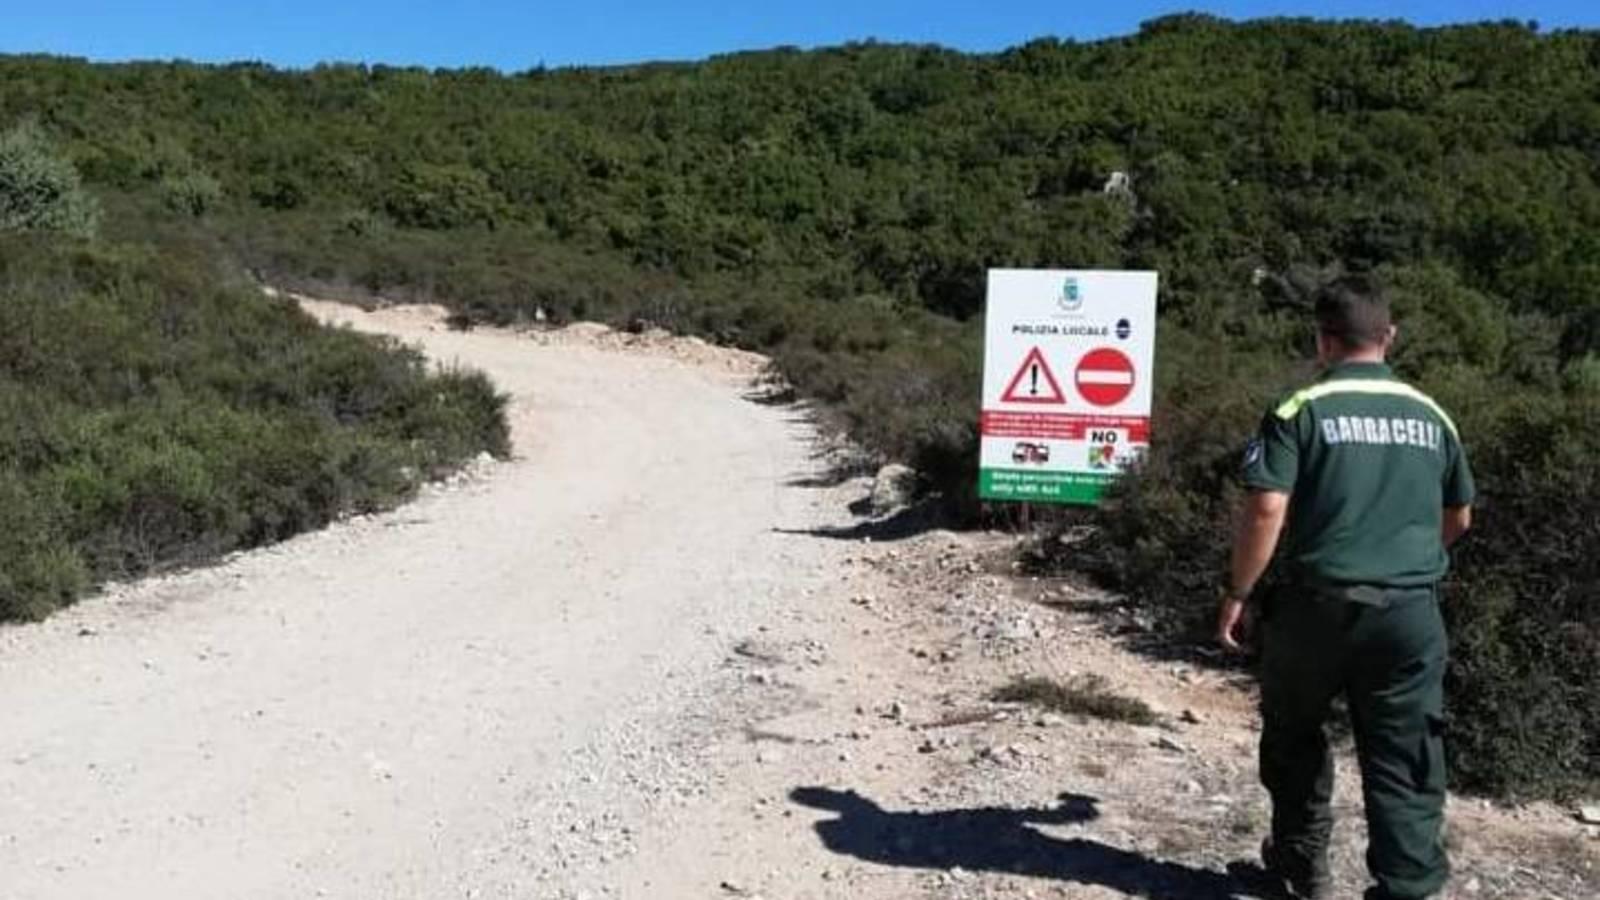 Una de las zonas 'afectadas' por las indicaciones de 'Google Maps' en Cerdeña